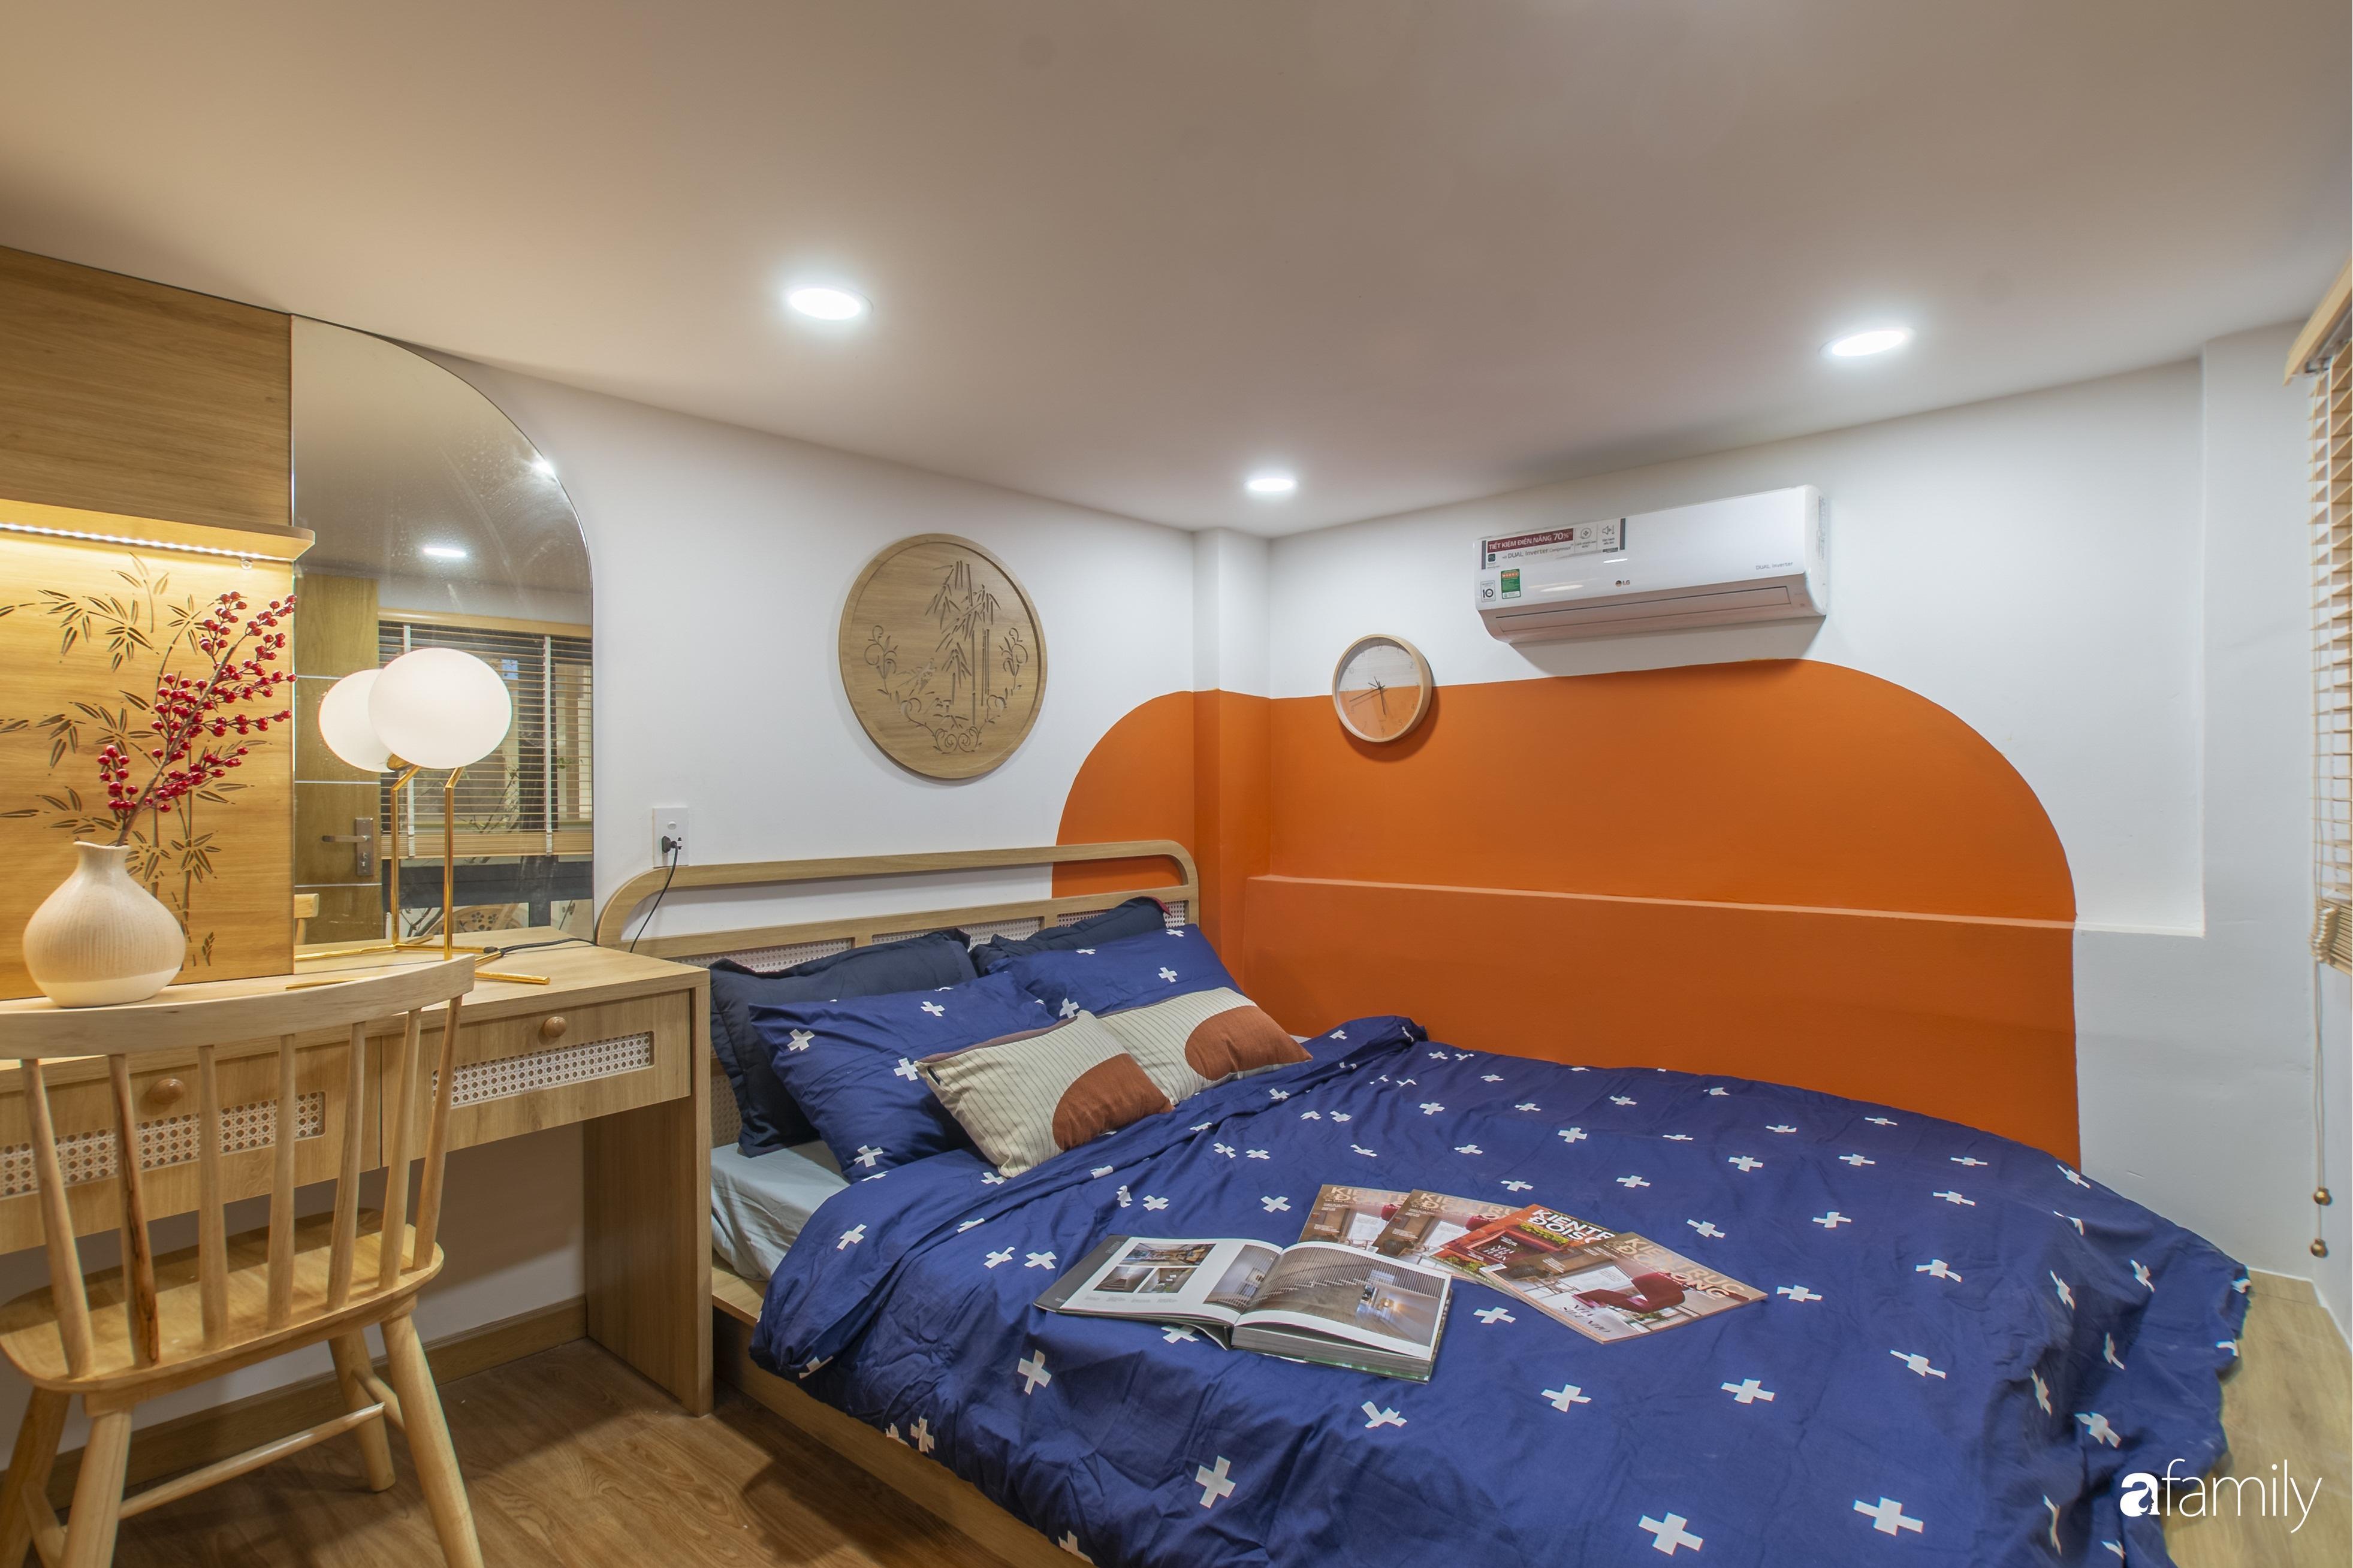 Con trai cải tạo nhà phố hư hỏng nặng thành không gian đậm phong cách Nhật cho bố mẹ an hưởng tuổi già - Ảnh 16.